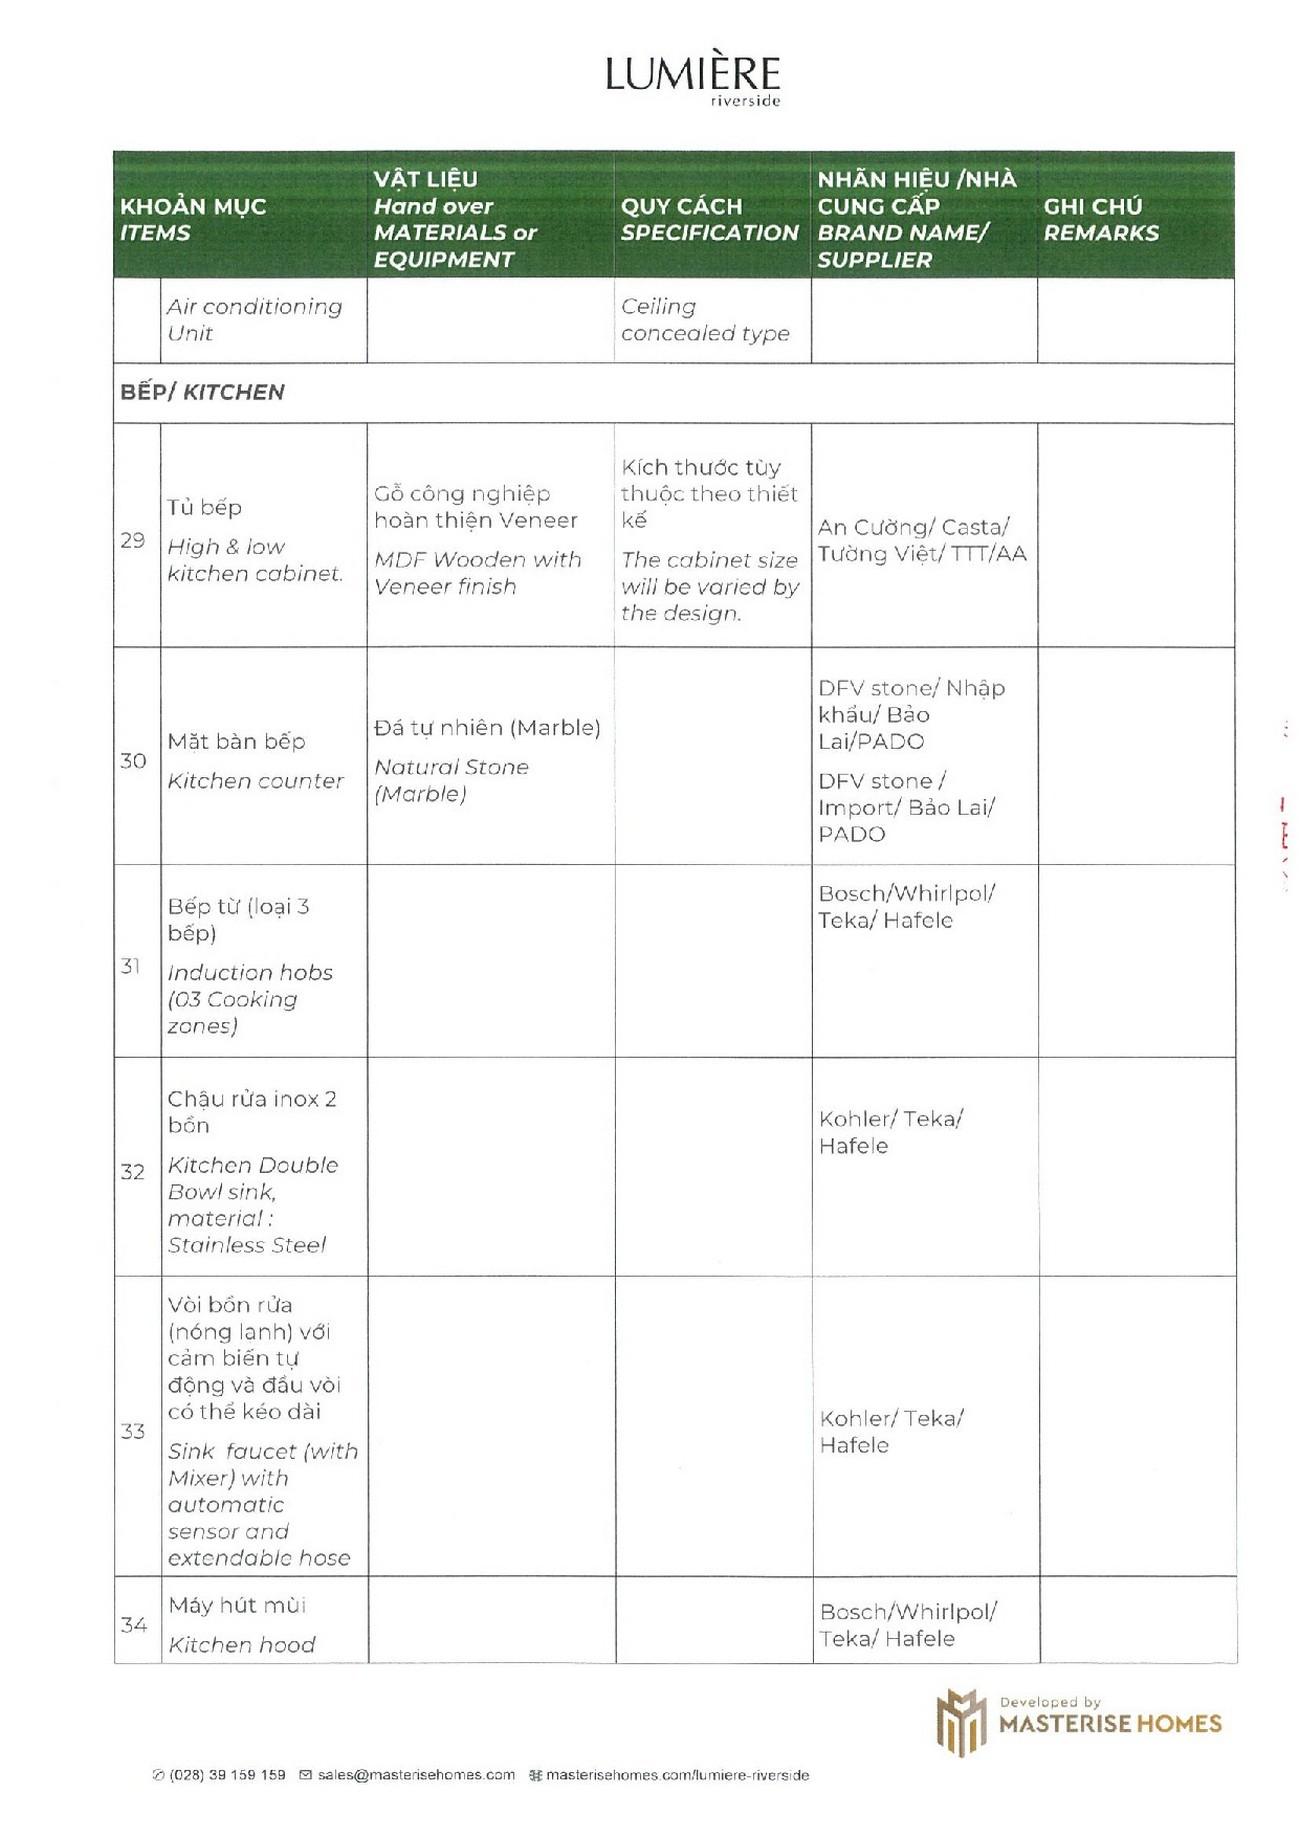 Cập nhật bảng giá Masteri Lumiere Riverside | GIÁ BÁN & ƯU ĐÃI【 03/2021】Từ Masterise Homes 2021 21